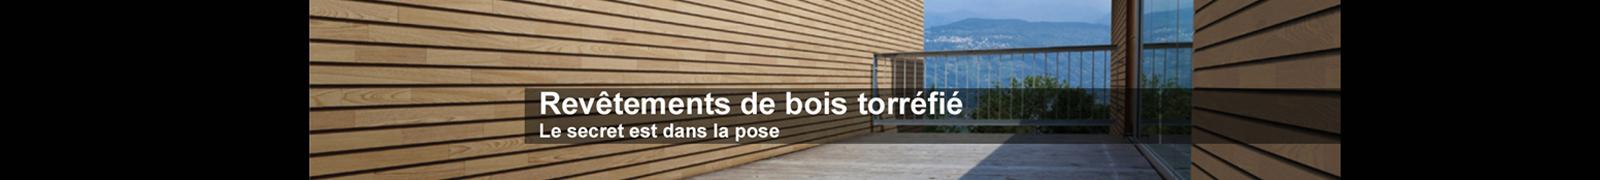 bois-tor1010X180